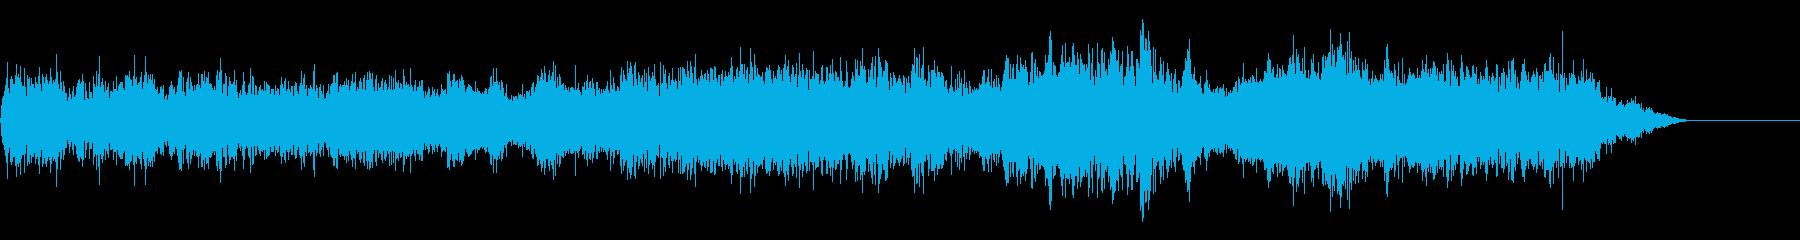 ランブル2の再生済みの波形